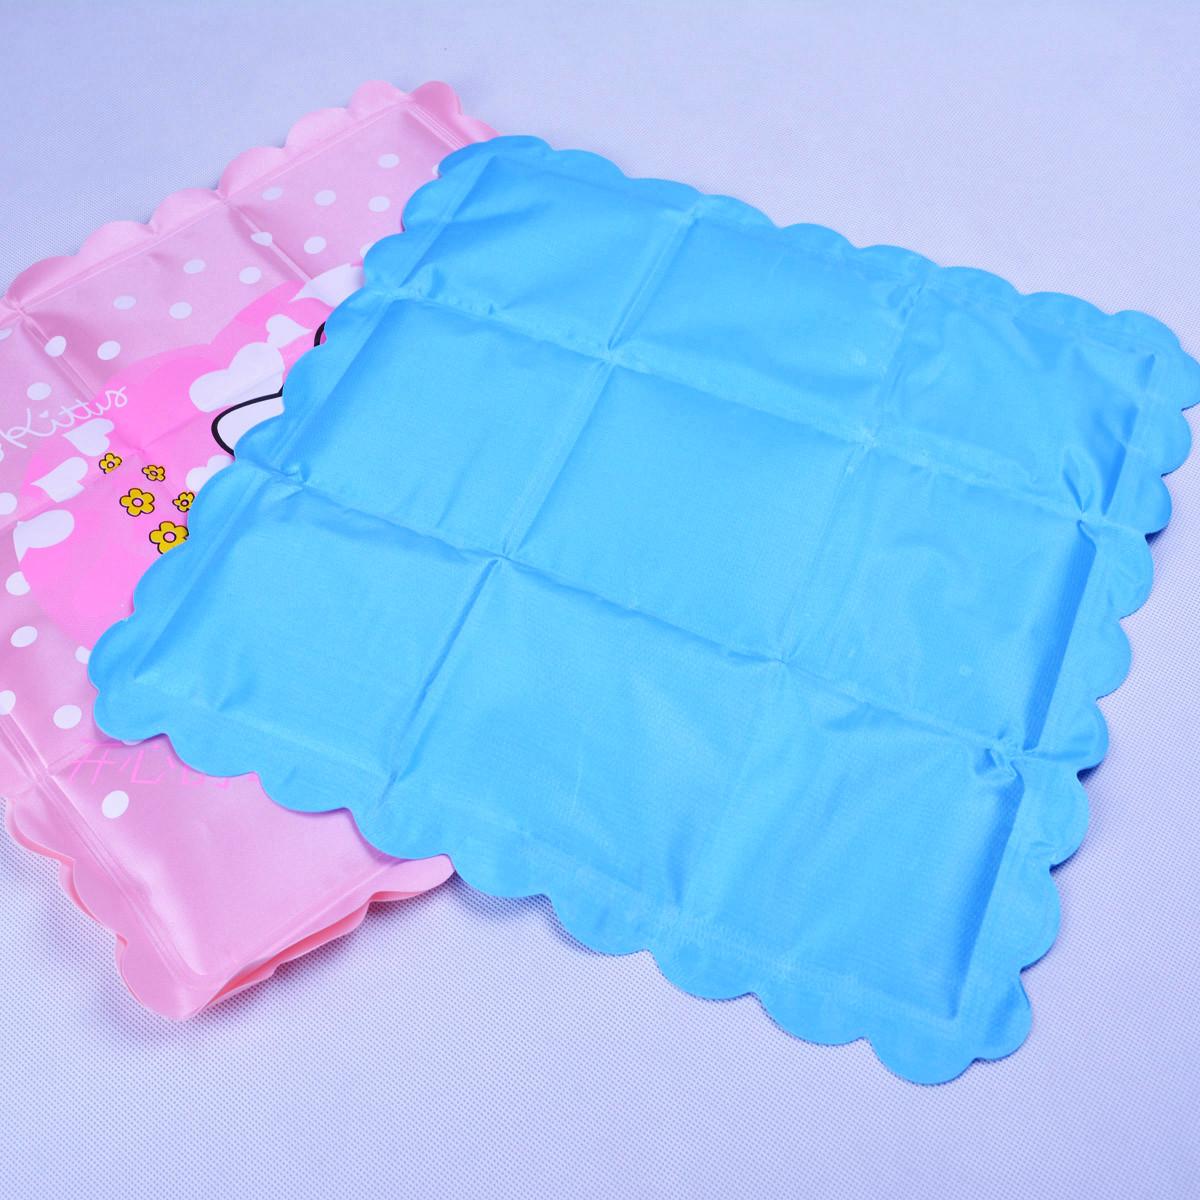 Япония покупка домашнее животное собака прохладно подушка лето мультики прохладно подушка собачья конура тедди прохладно подушка домашнее животное собака лед подушка домашнее животное прохладно